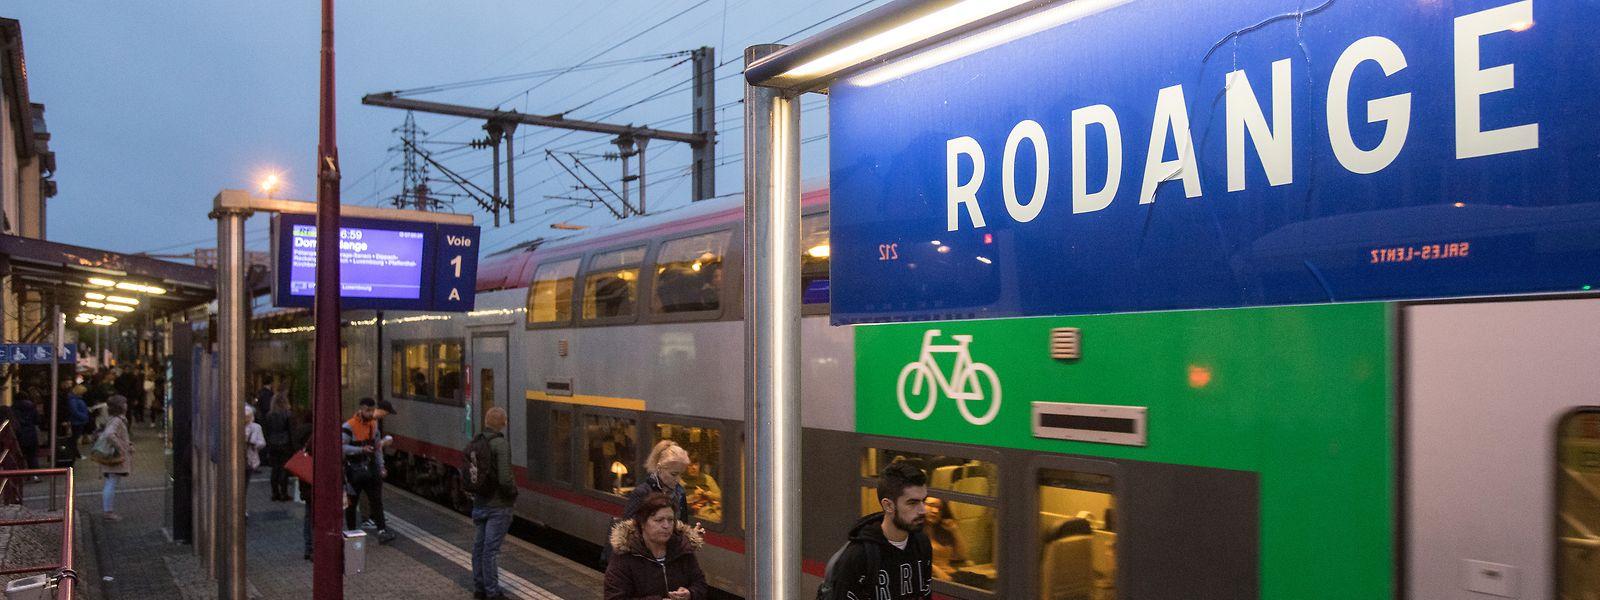 Vingt-quatre gares du pays disposent de panneaux publicitaires sur leurs quais ou dans les halls d'accès.